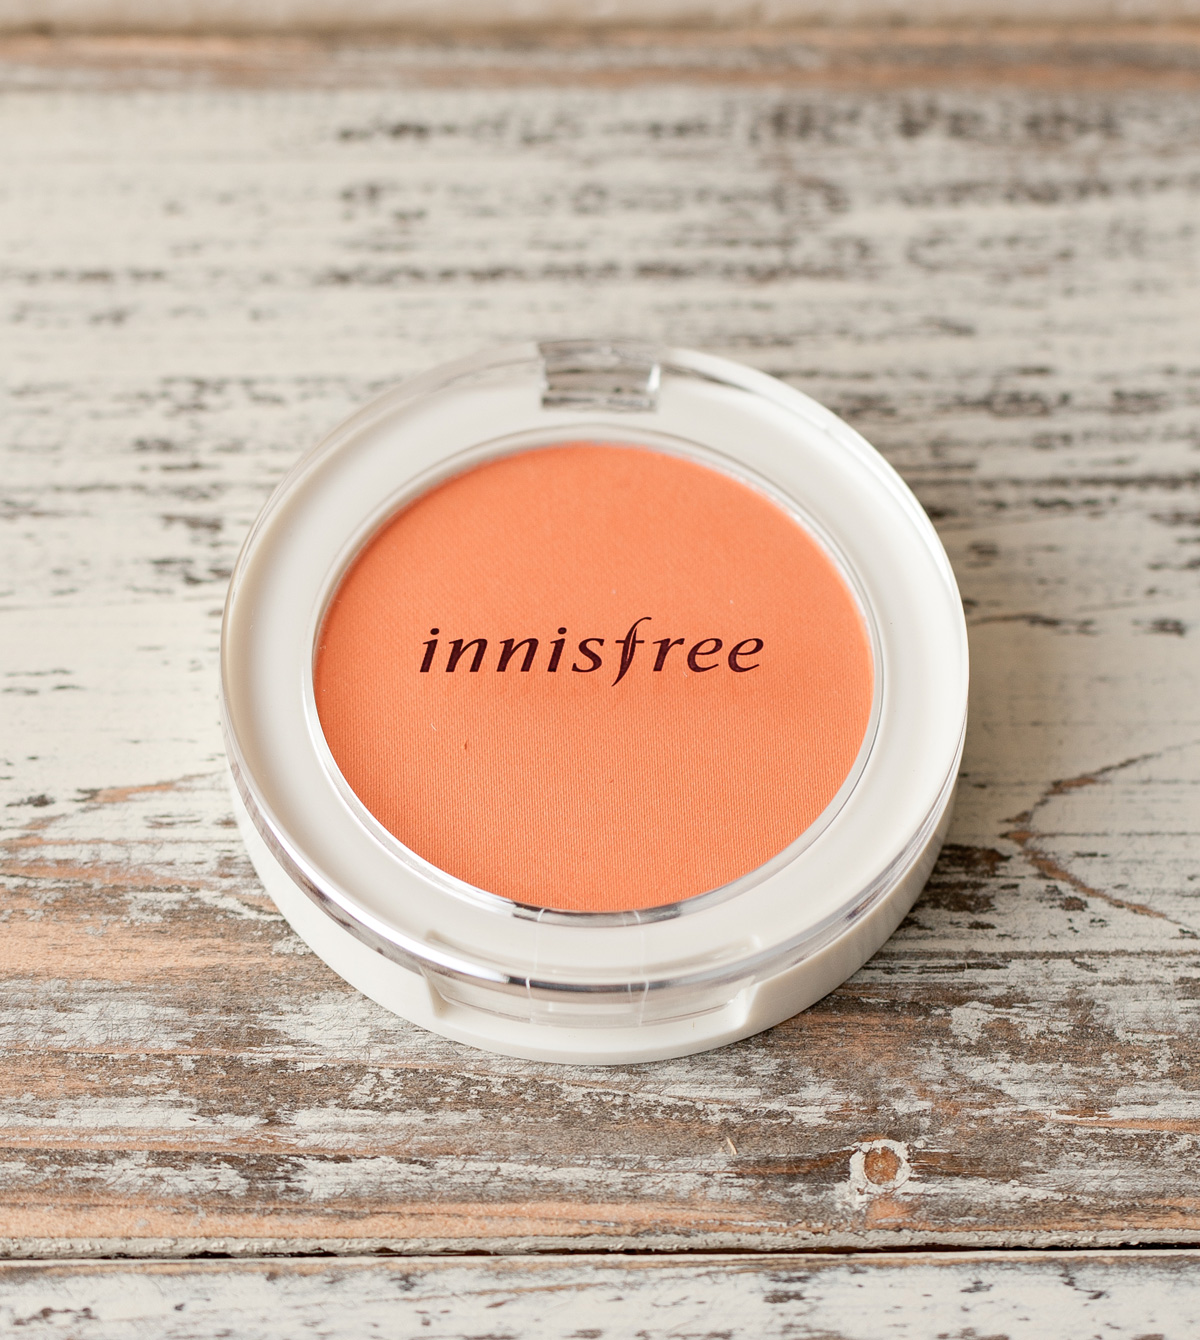 Innisfree makeup